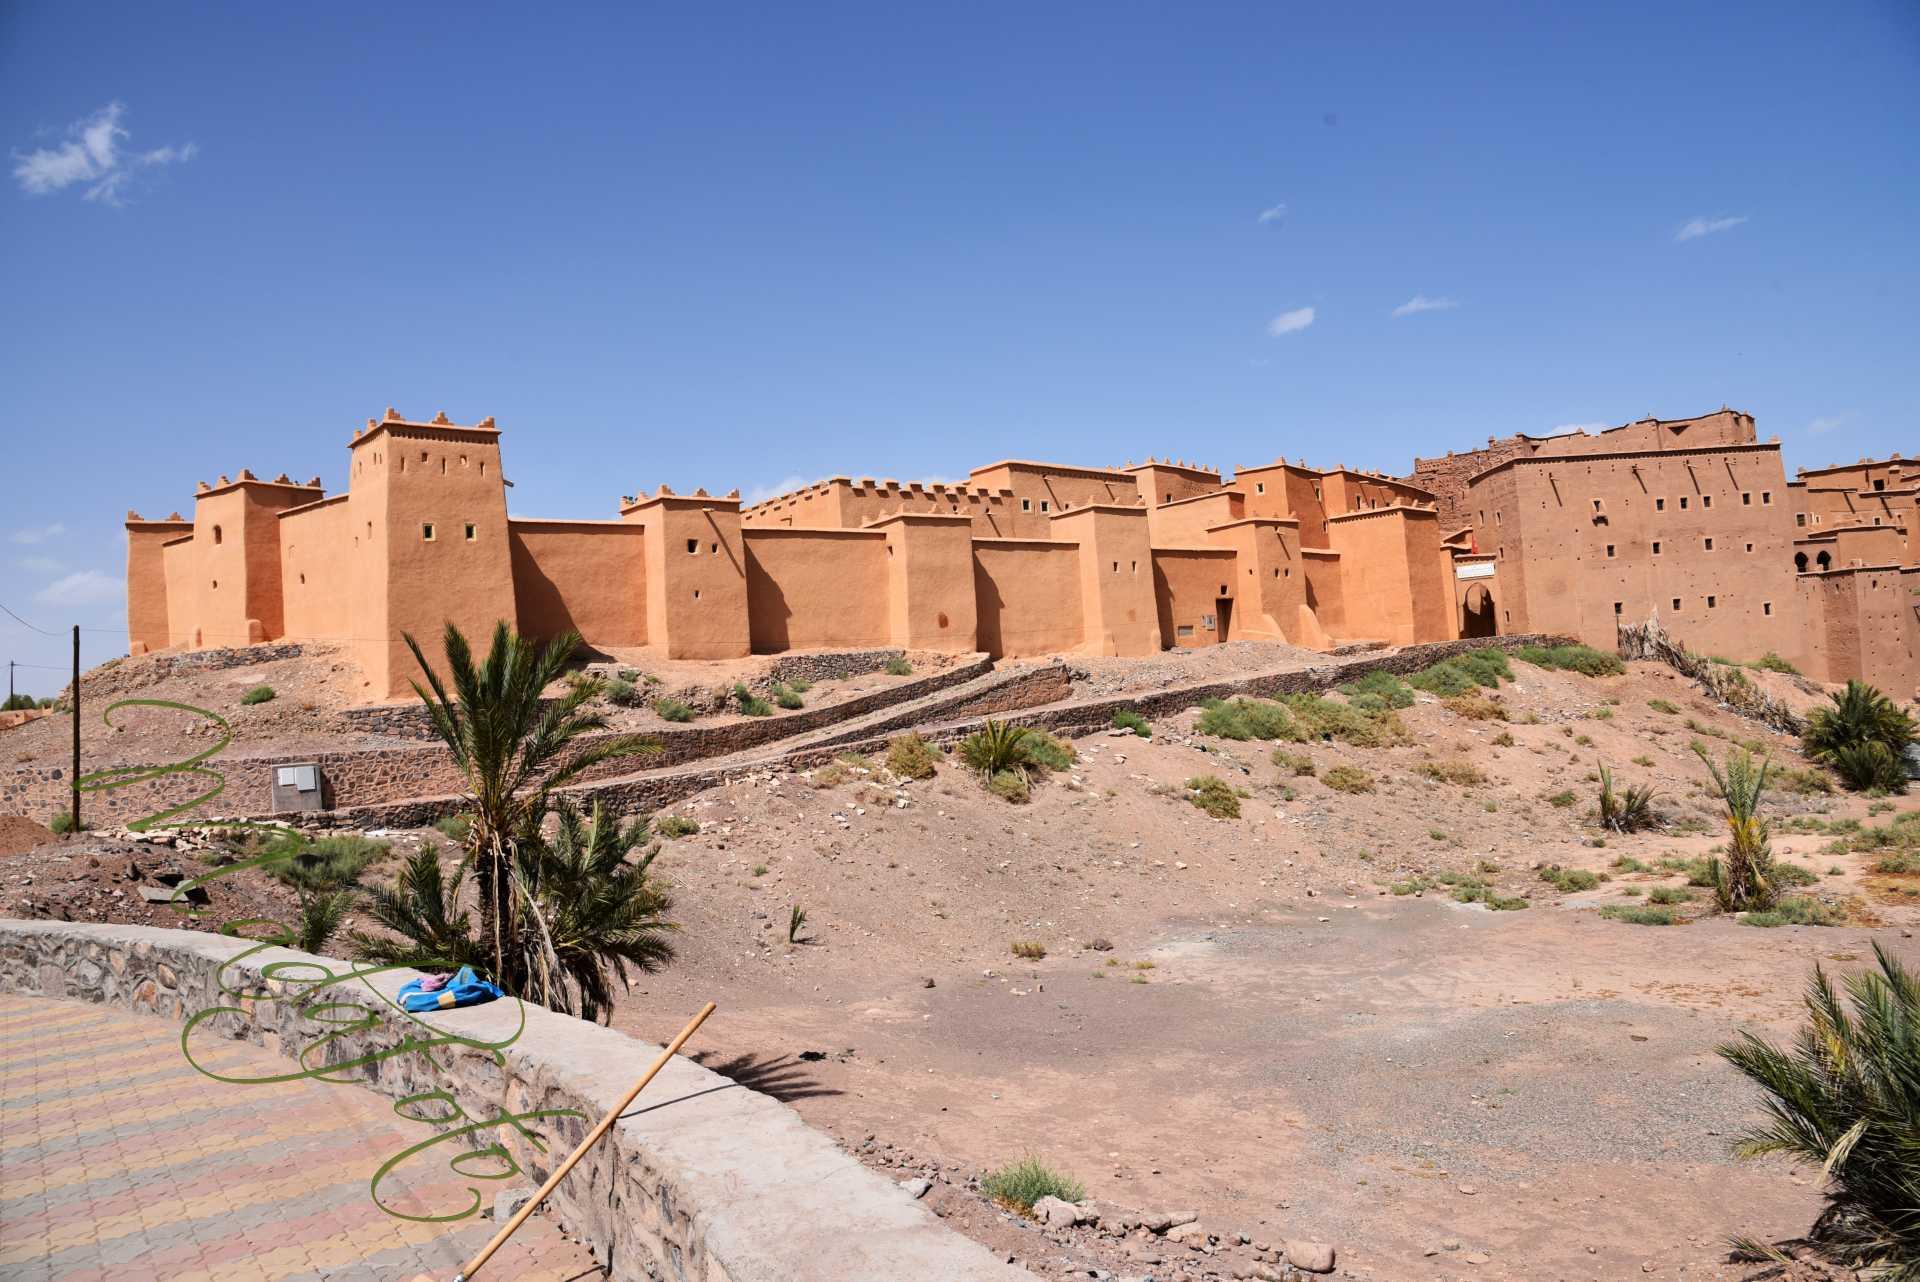 (4) Maroko – Warzazat (Ouarzazate) – studio filmowe Atlas